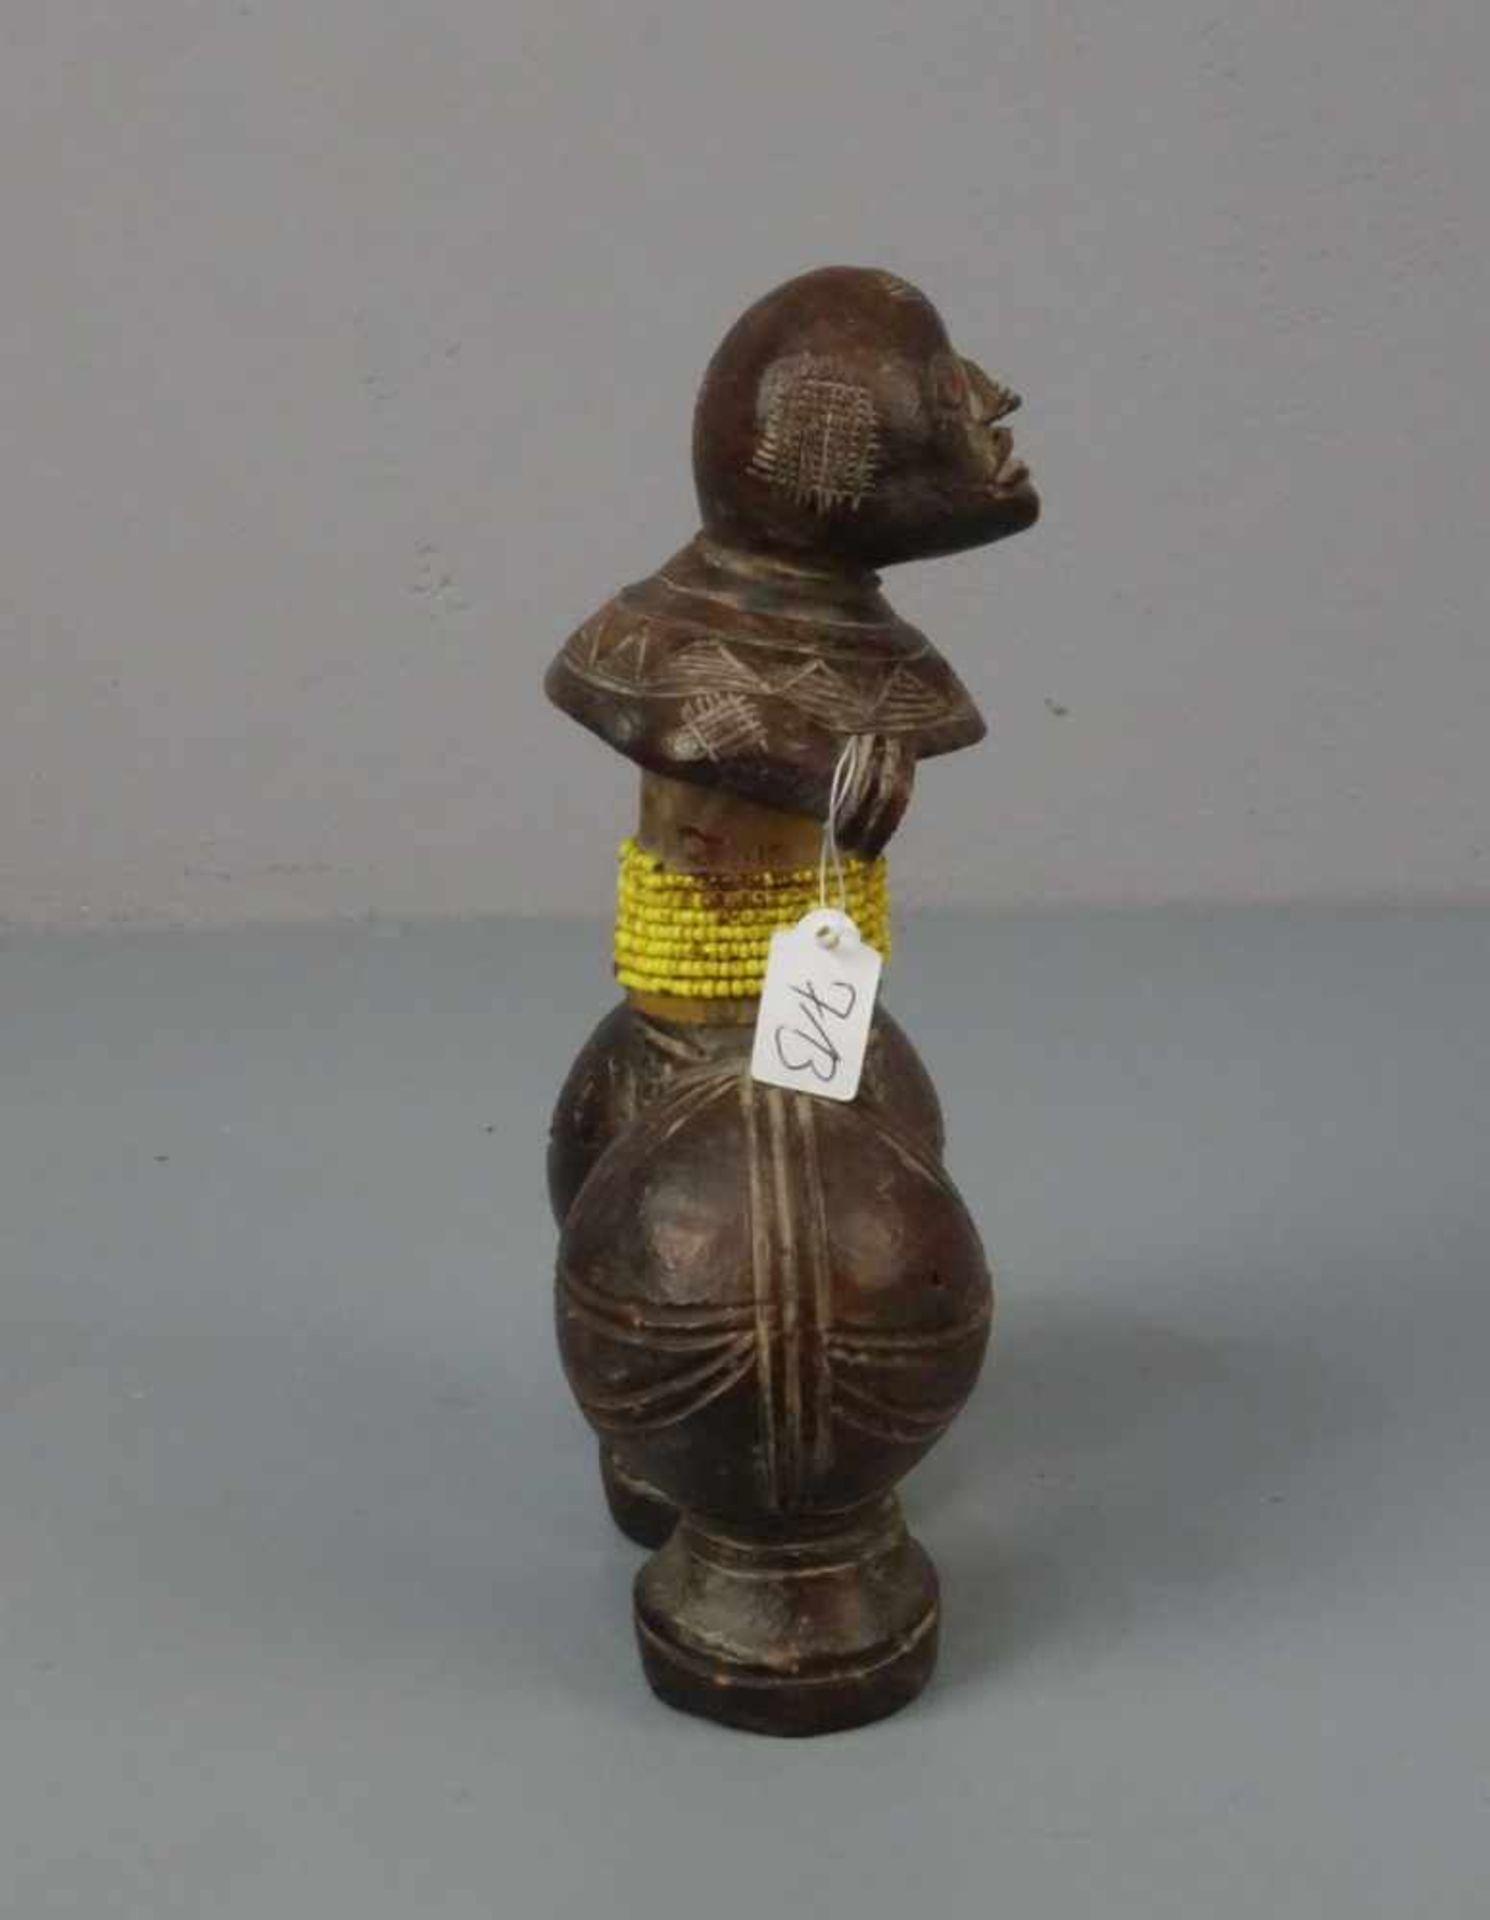 """Los 713 - AFRIKANISCHE KUNST / KERAMIK SKULPTUR: """"Stehende"""" / """"Stehender"""" / tribal Art, gebrannter Ton mit..."""